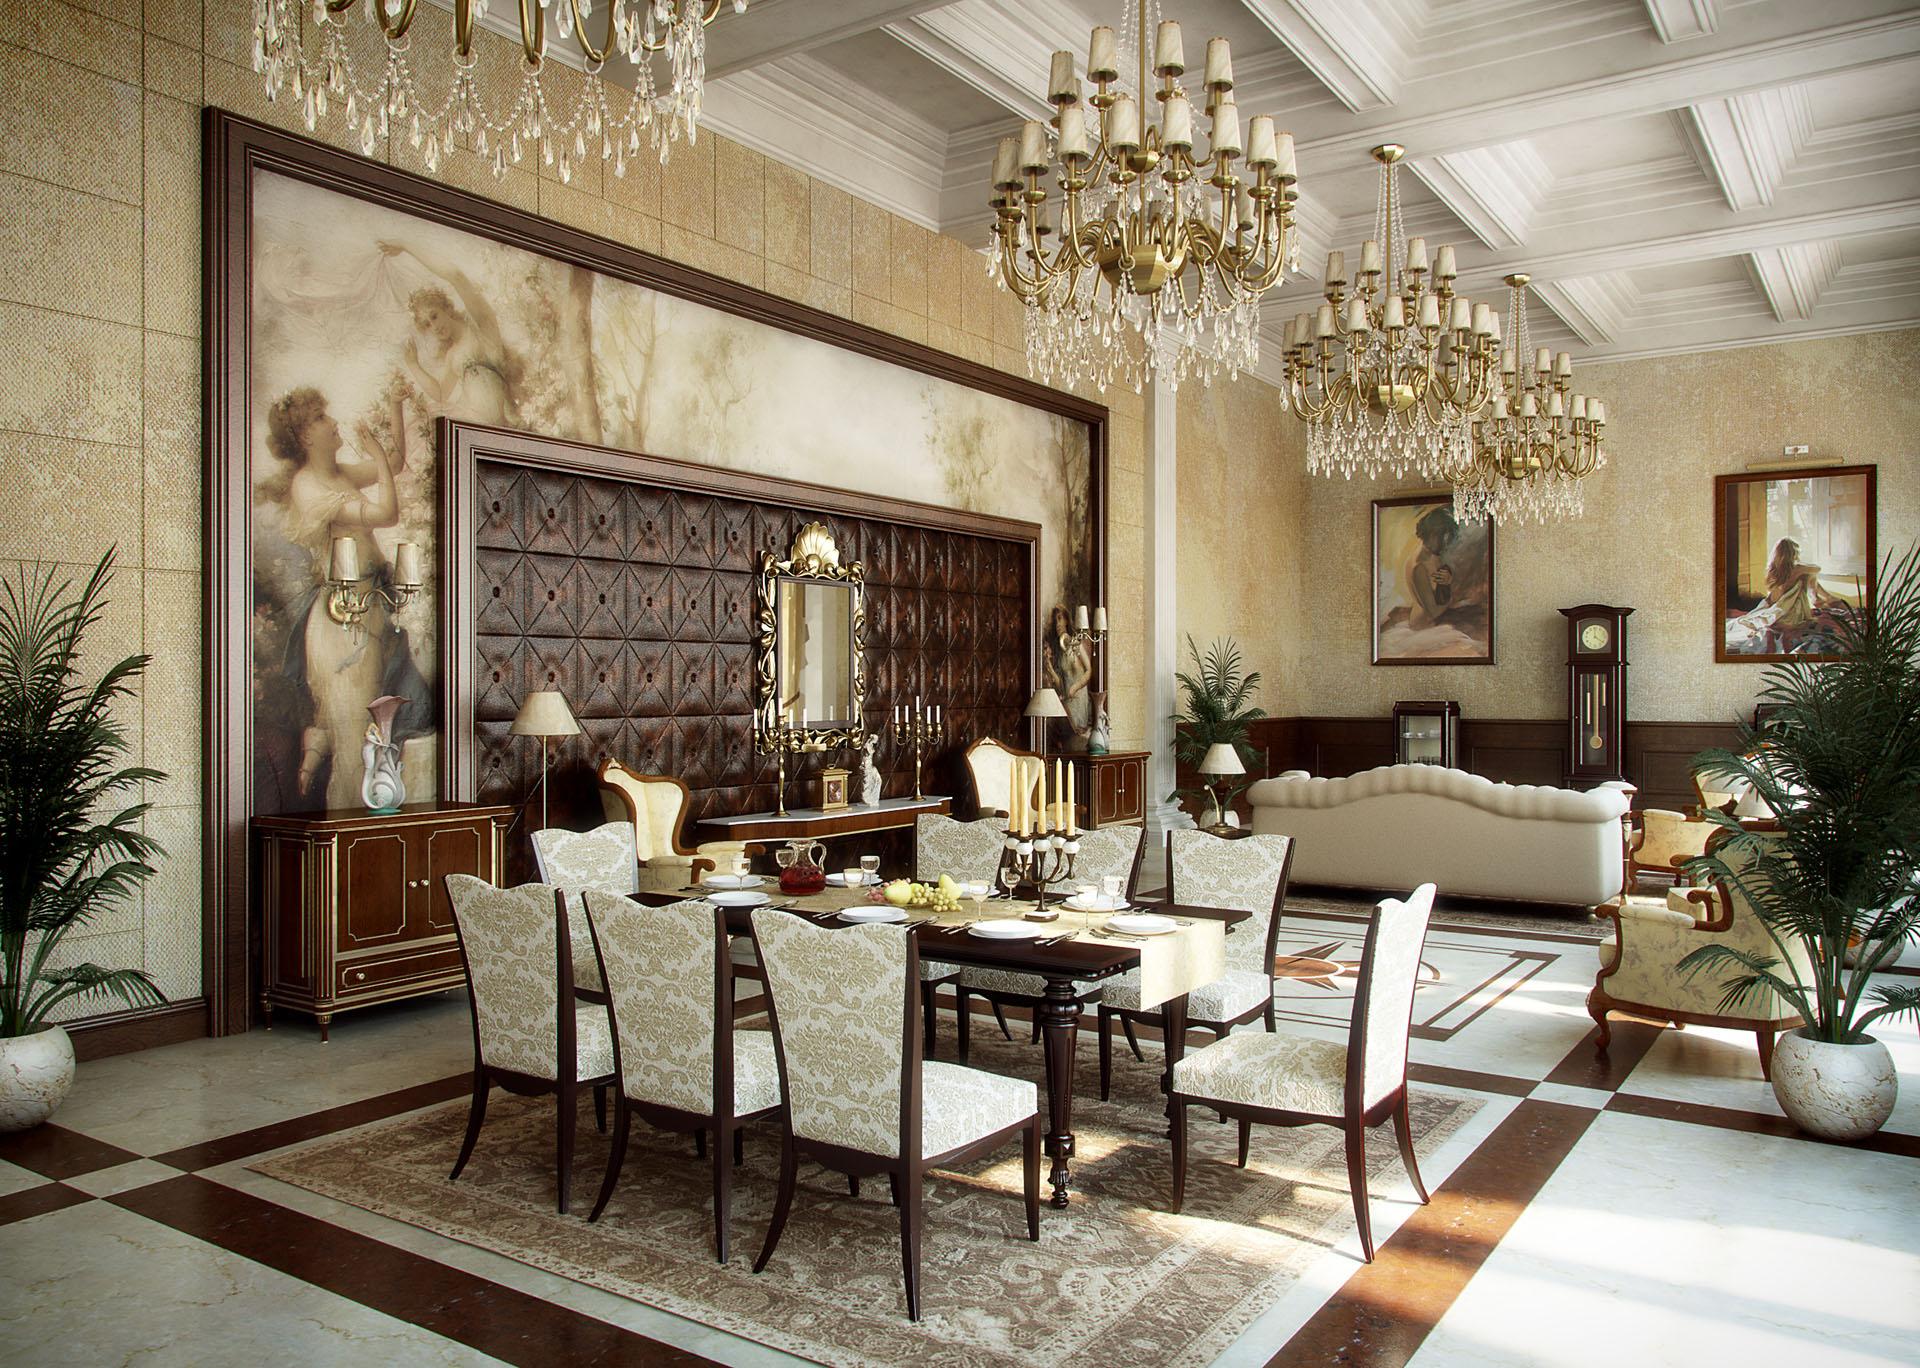 Taher Design Luxury Classic Interior (2).jpg